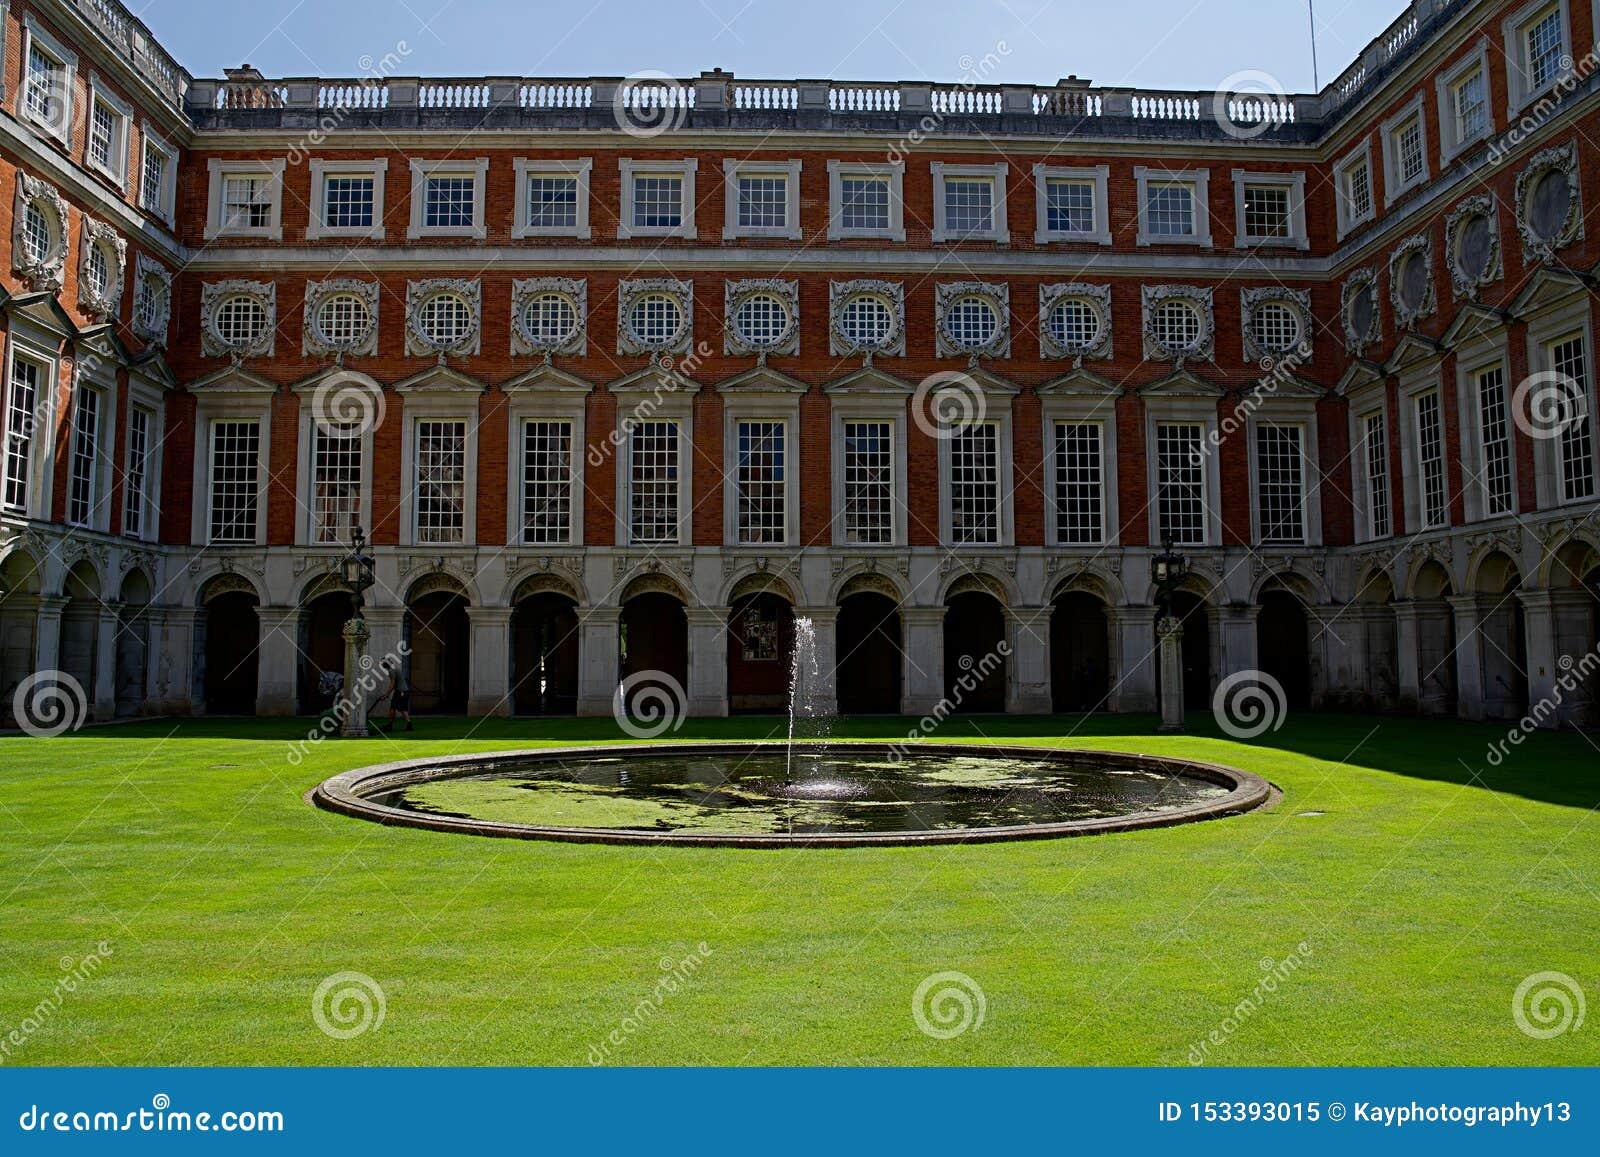 Londra, Inghilterra, il 16 luglio 2019: Vista del cortile di Hampton Court Palace con cielo blu